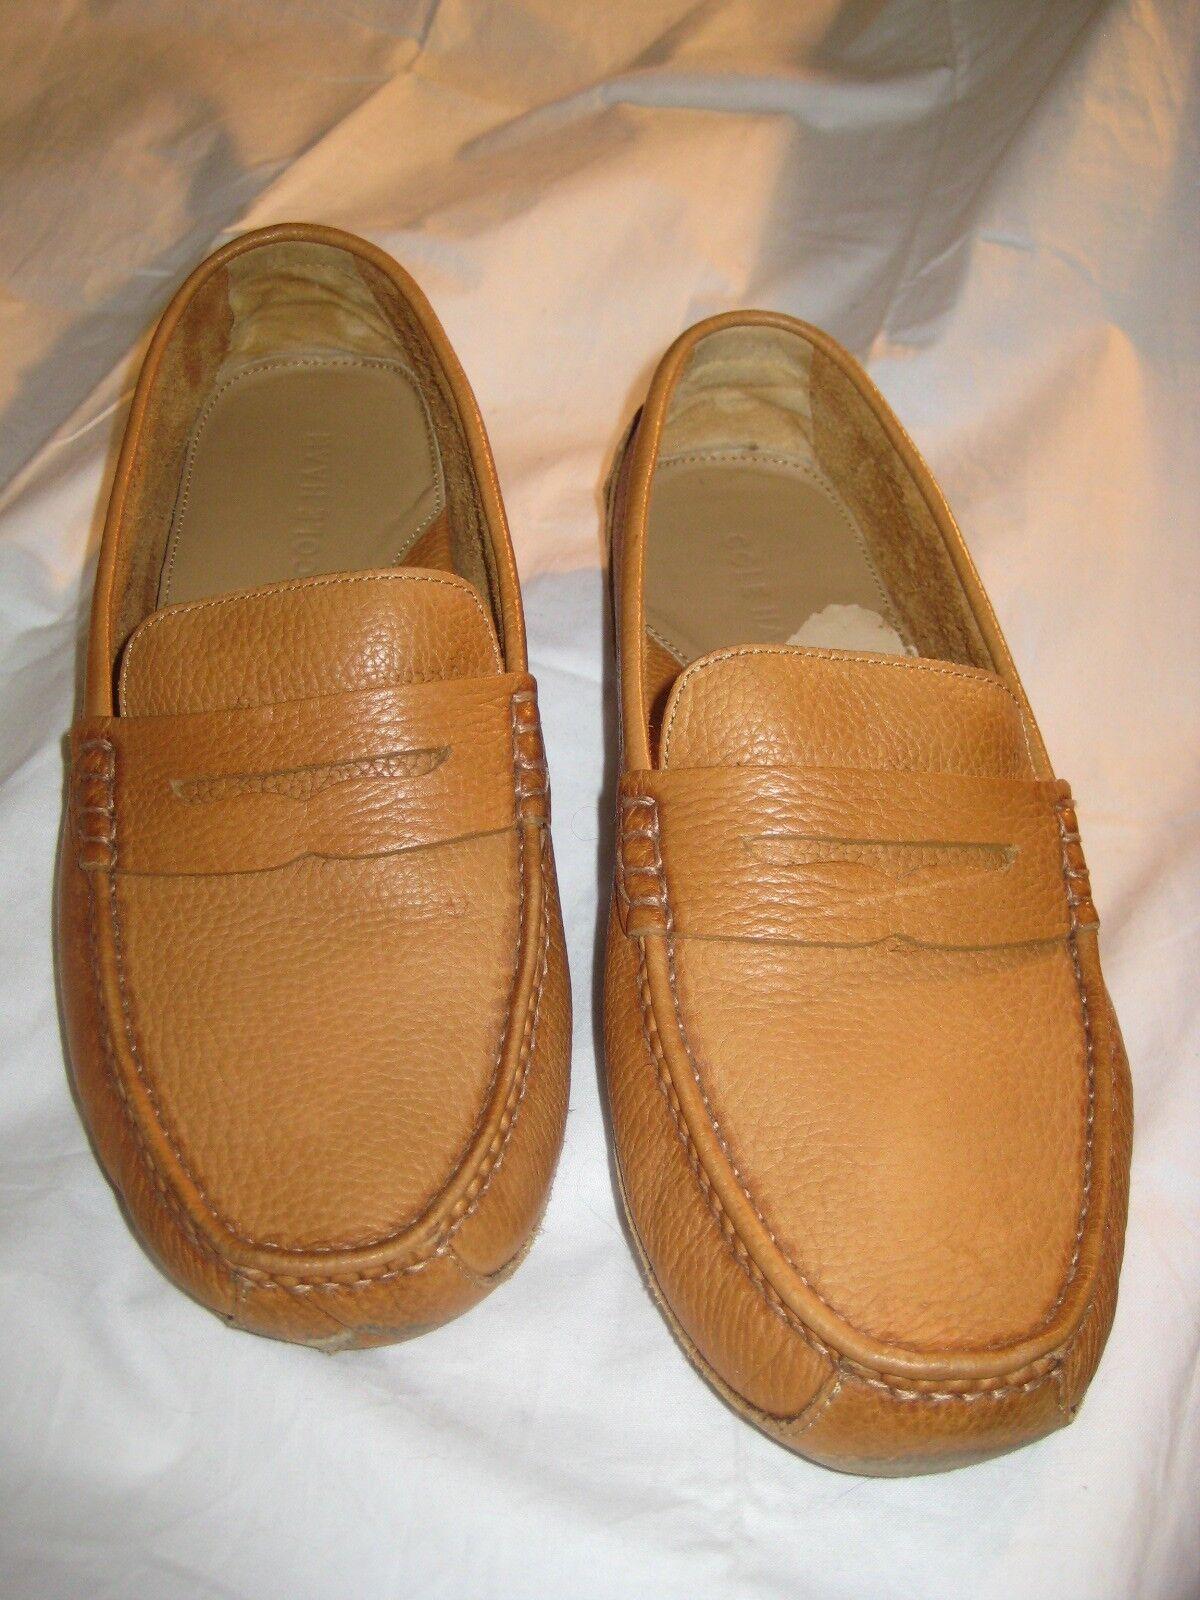 Pour des hommes Cole Haan Comfort Penny Loafers Pebbled cuir Taille 9M, Couleur boisbury